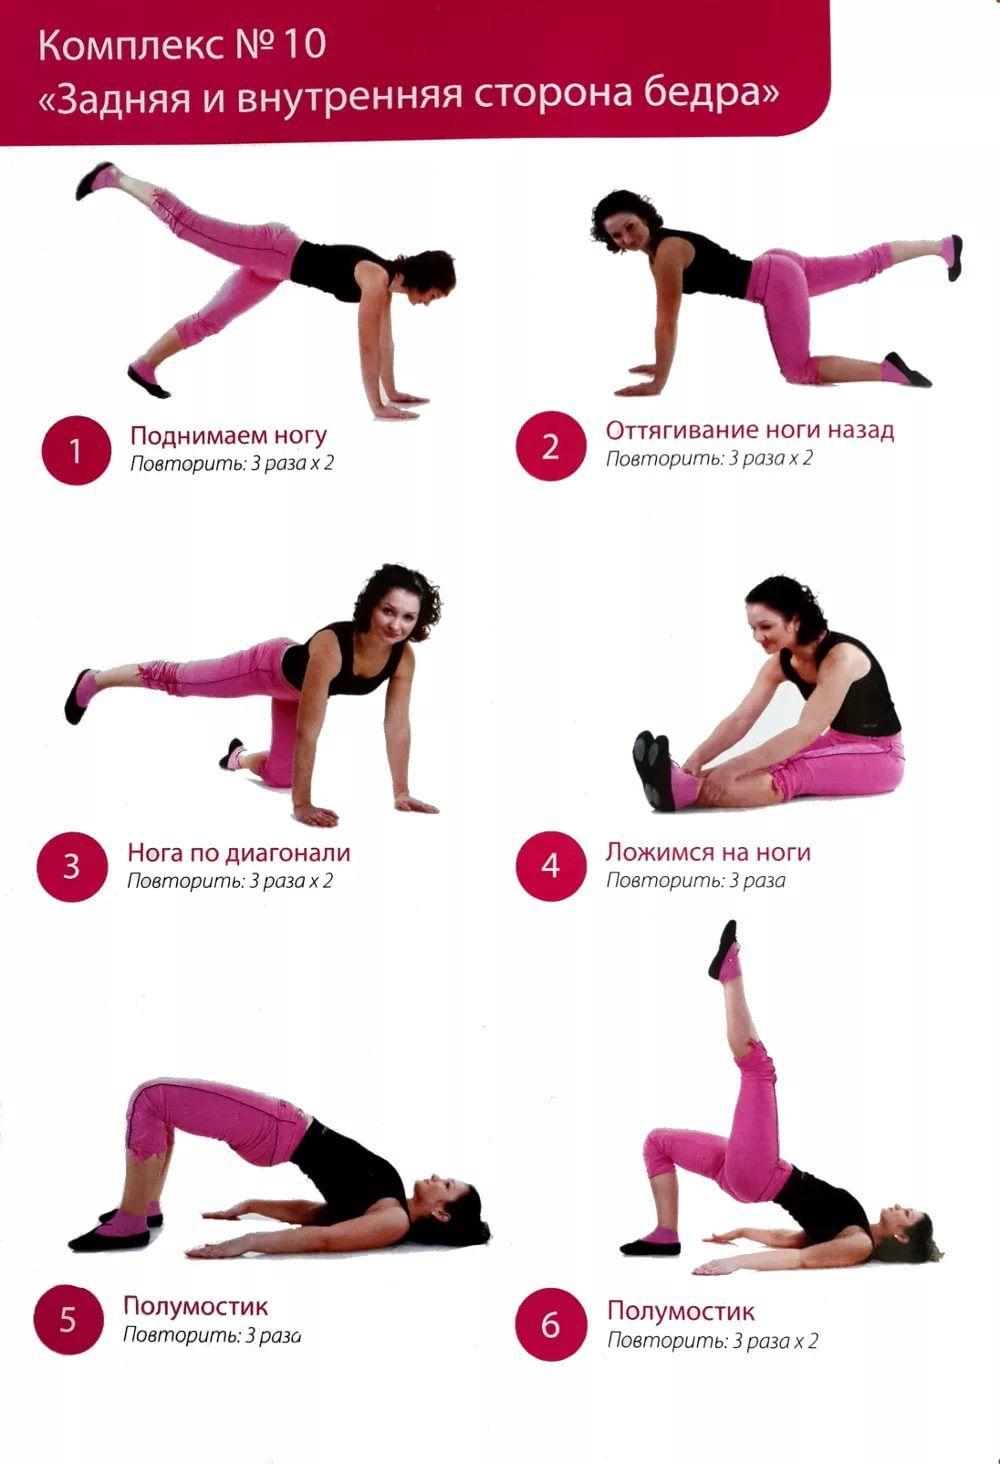 Оксисайз И Похудение Ног. Дыхательная гимнастика для похудения оксисайз – подходит ли она Вам?